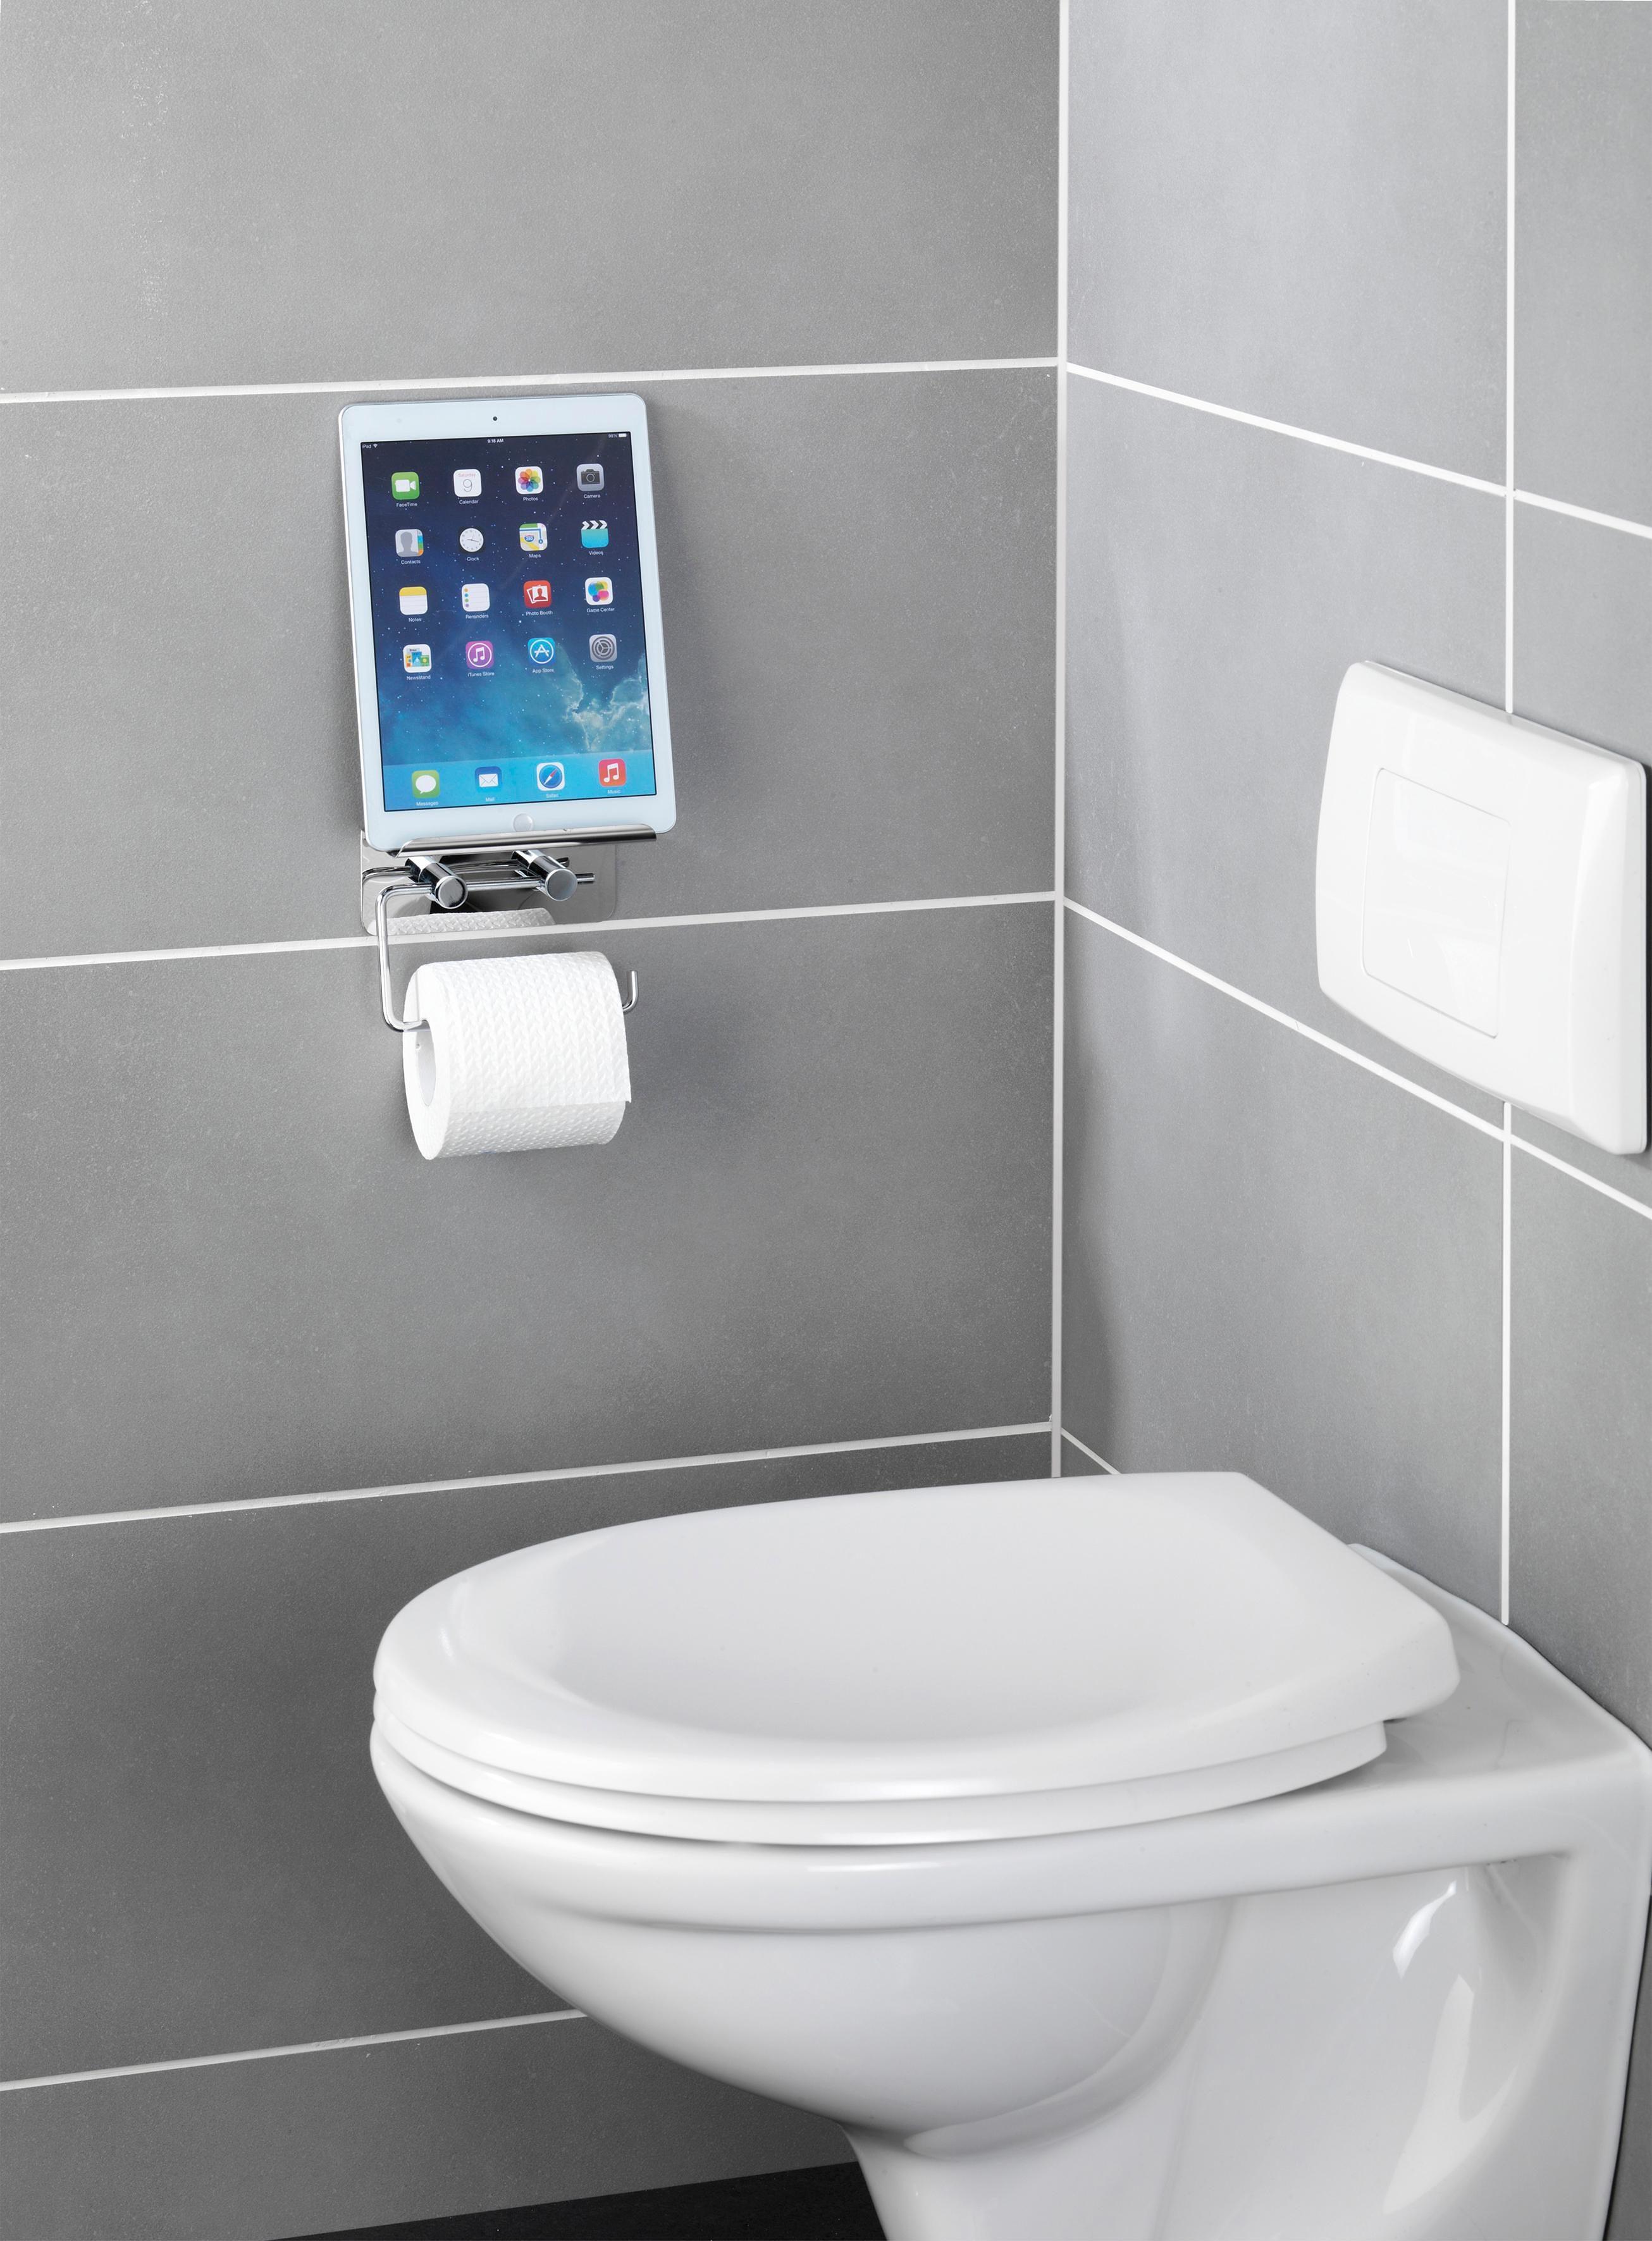 Wenko Toilettenpapierhalter mit Smartphone Ablage und 2 Turbo-Loc Haken, 3-teiliges Set